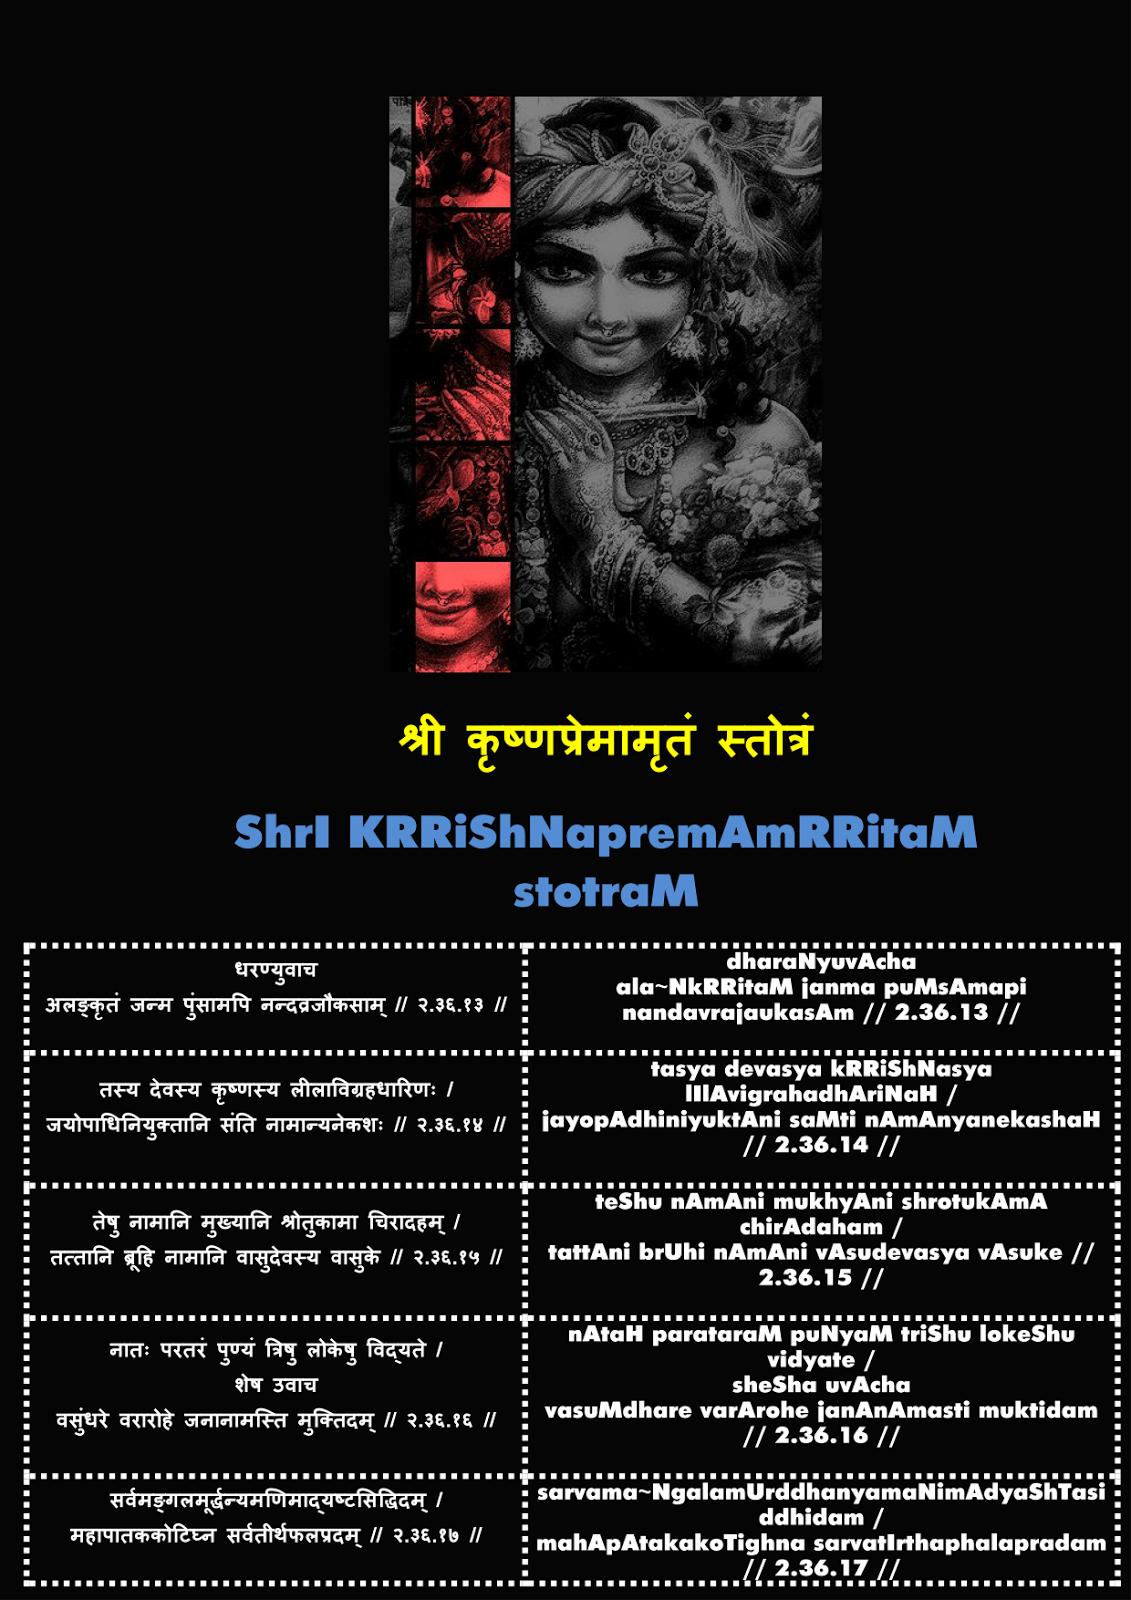 shri vishnu sahasranama stotram in sanskrit pdf